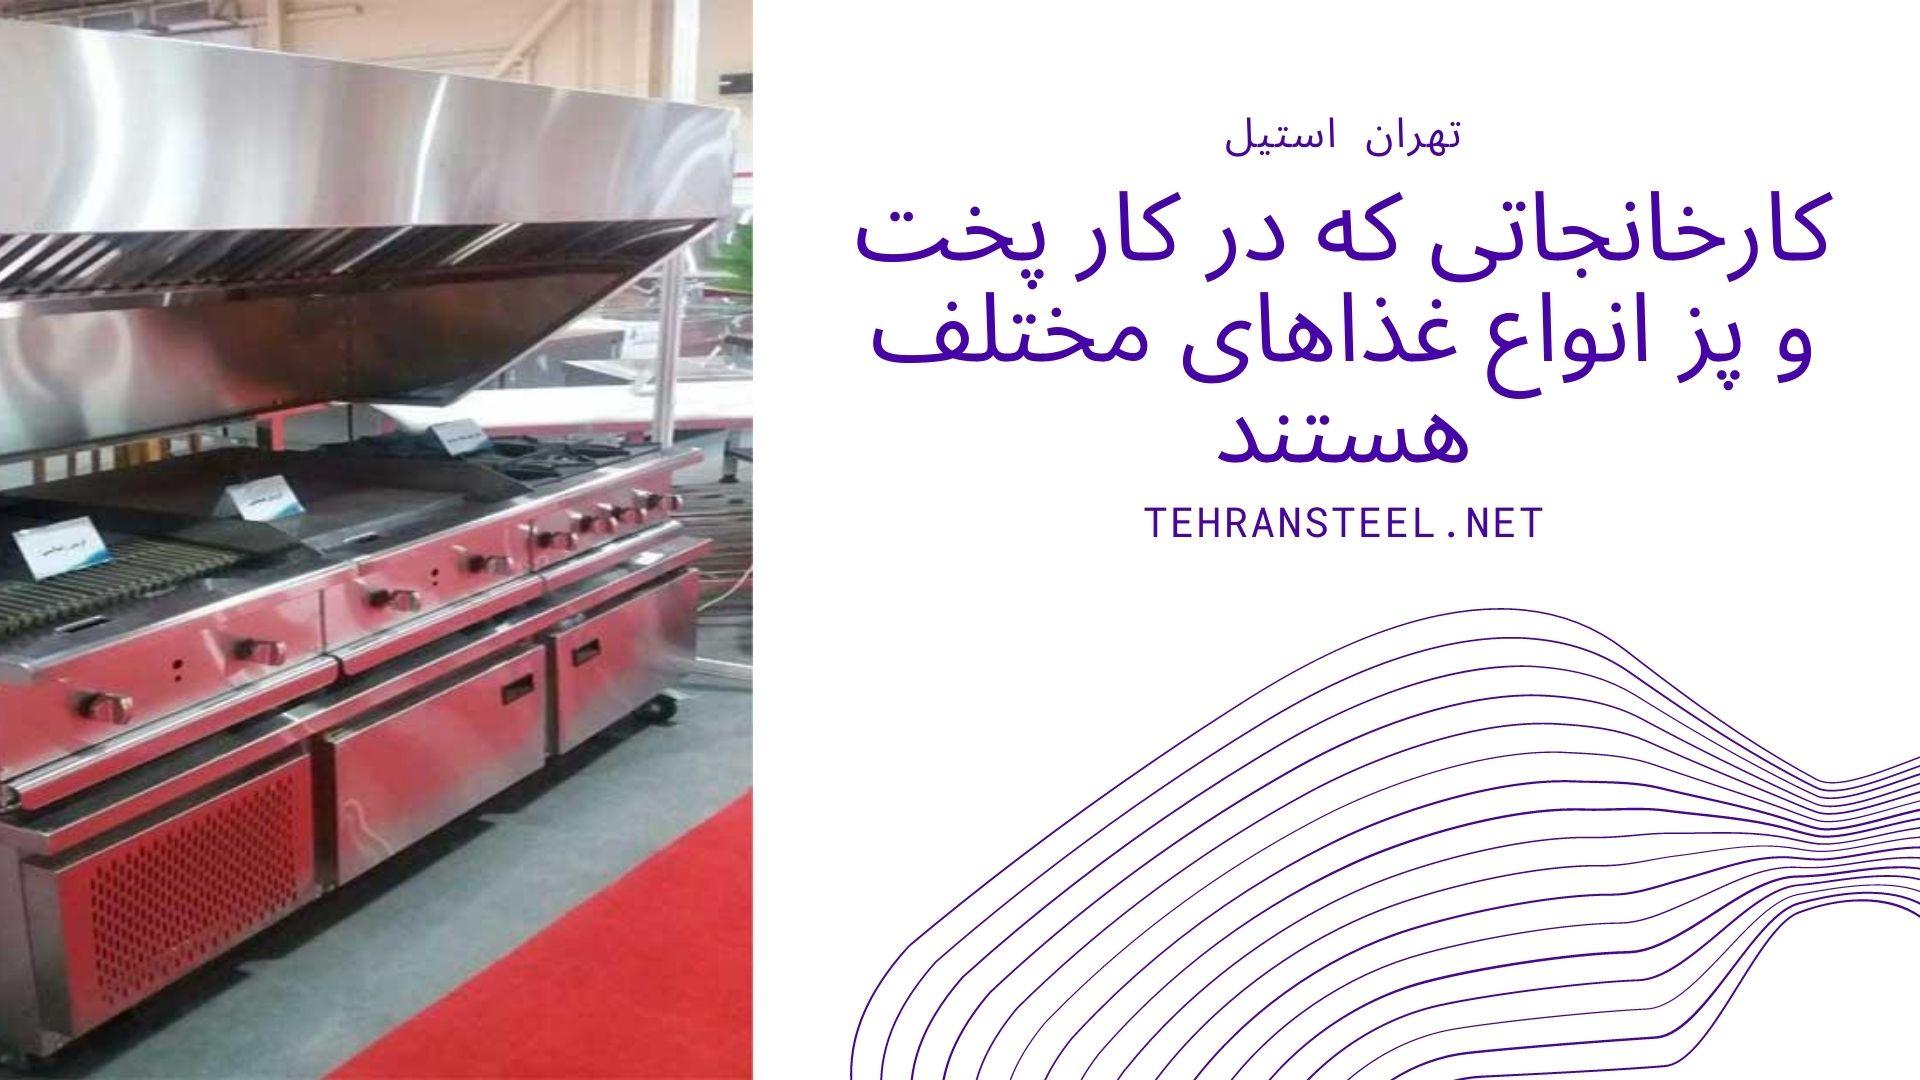 کارخانجاتی که در کار پخت و پز انواع غذاهای مختلف هستند